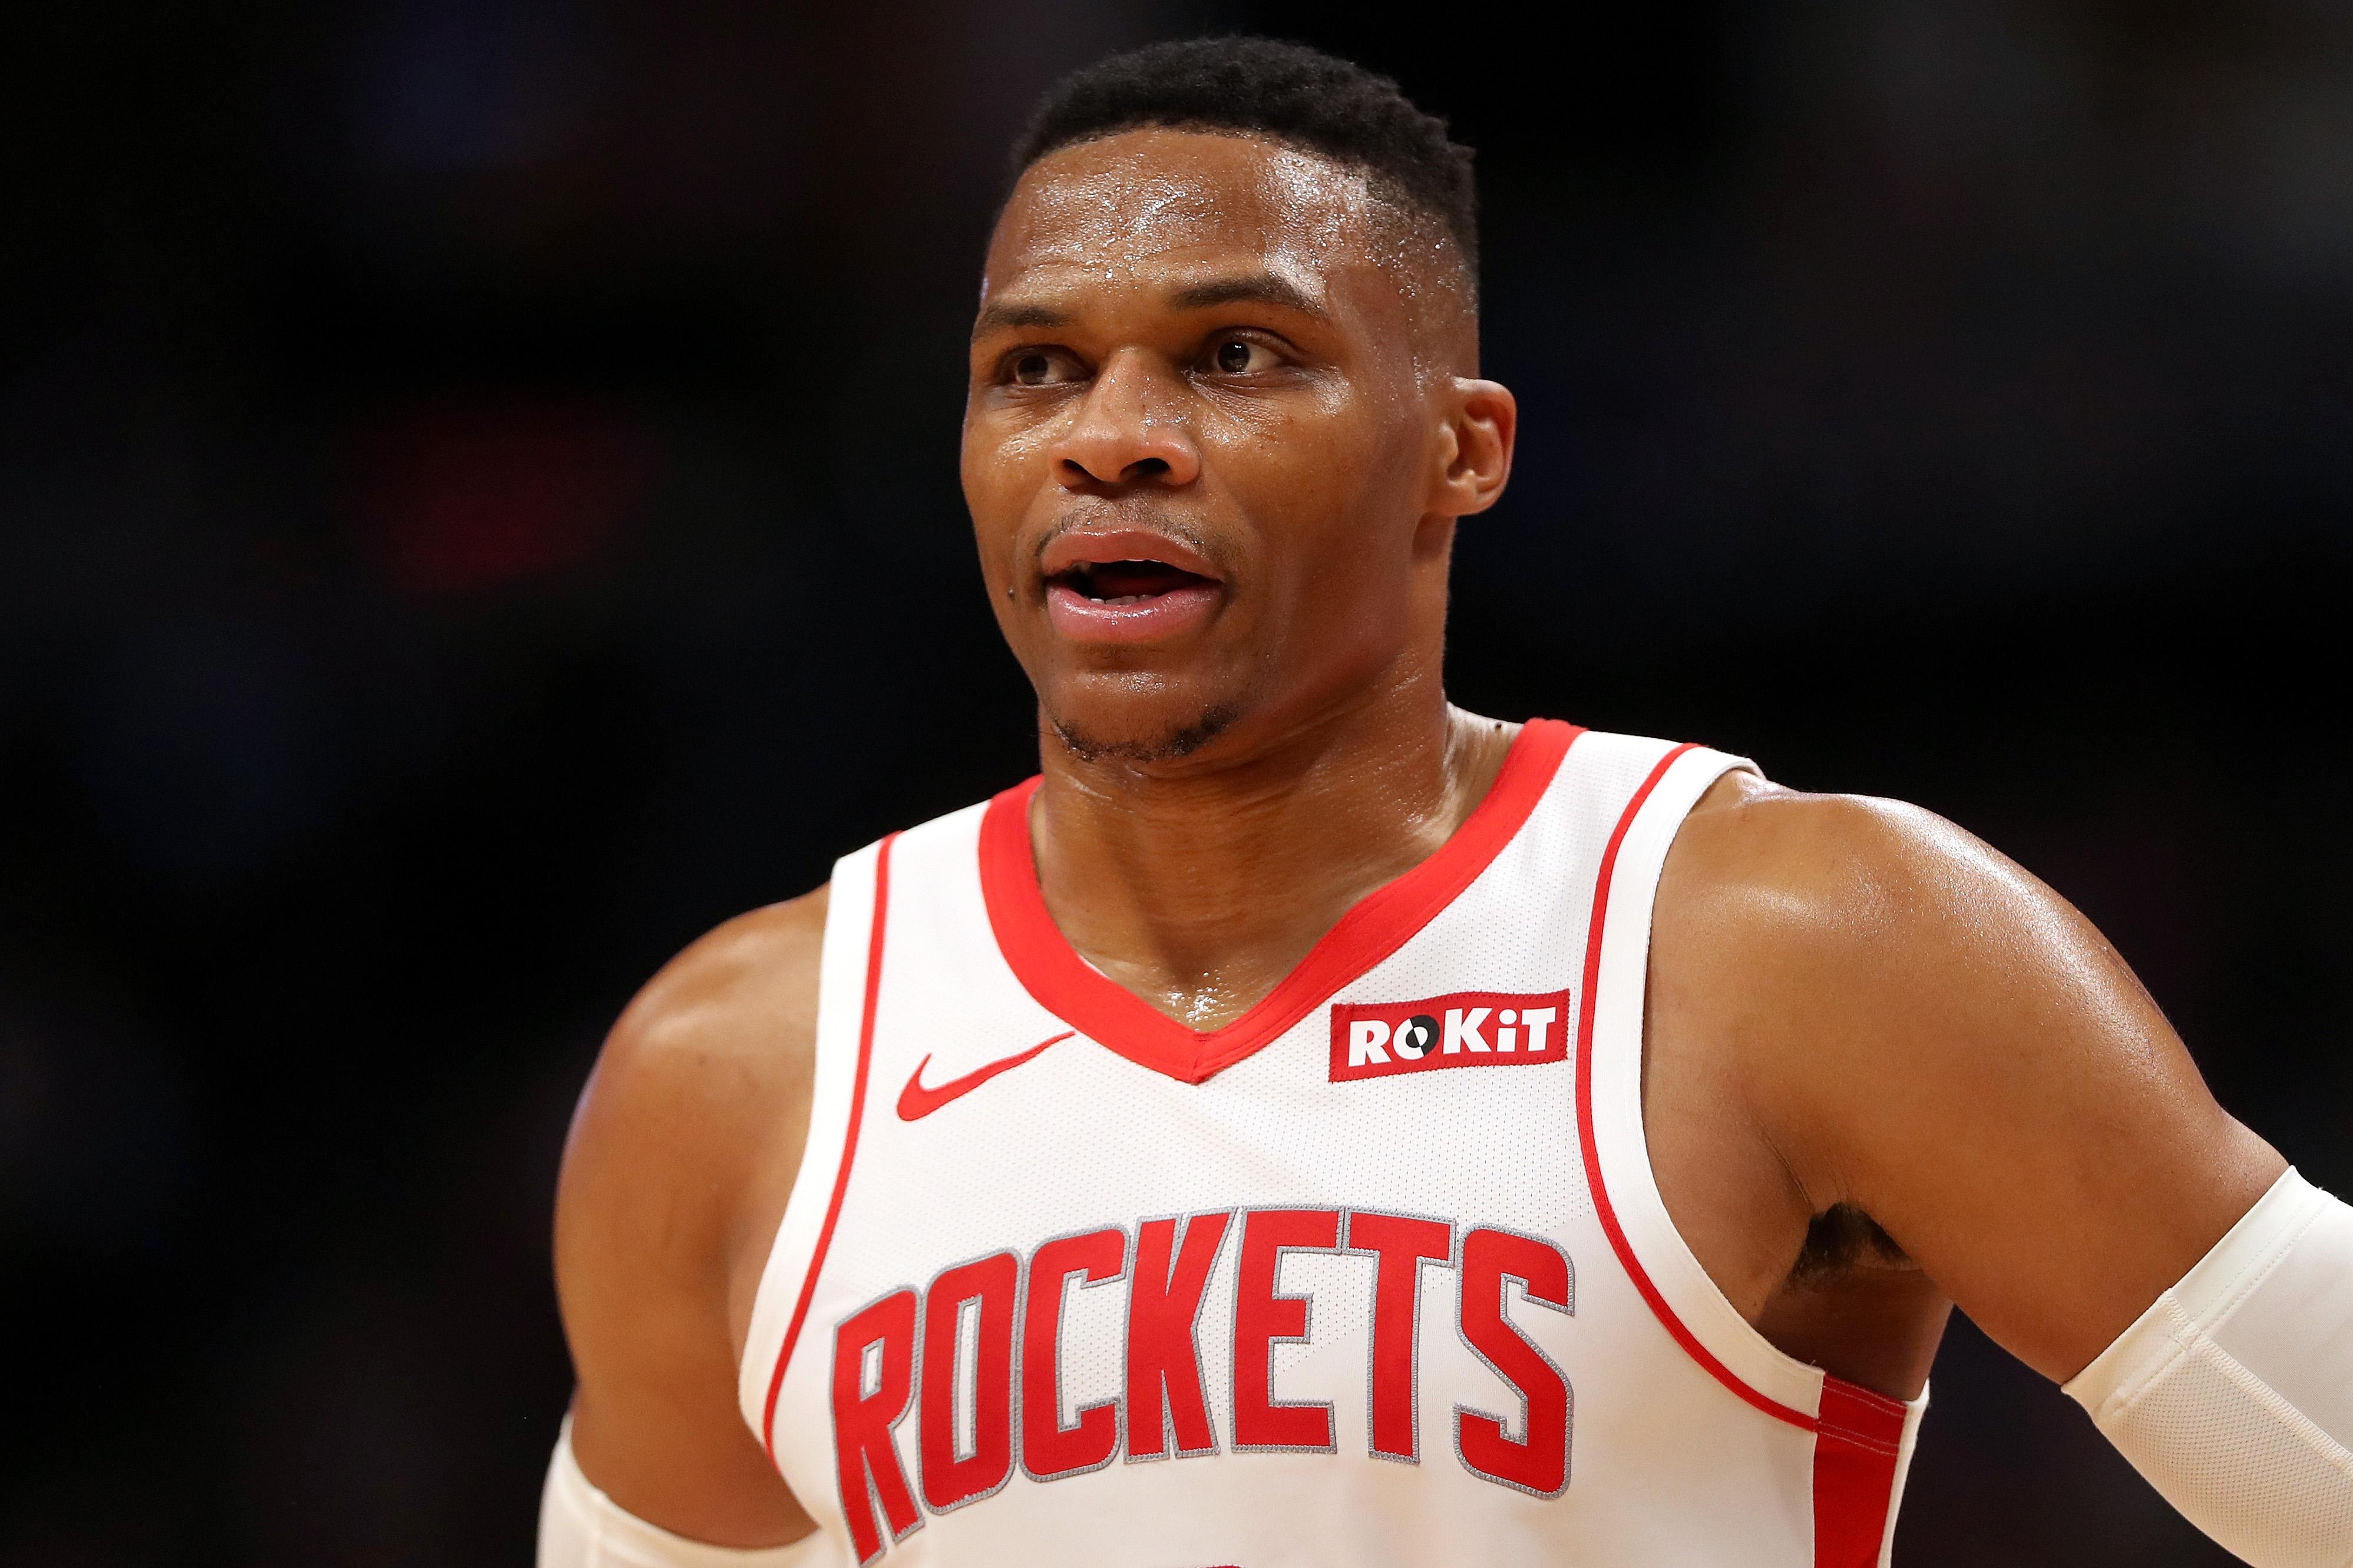 Russell Westbrook da positivo de coronavirus: ¿cómo se siente la estrella de la NBA?